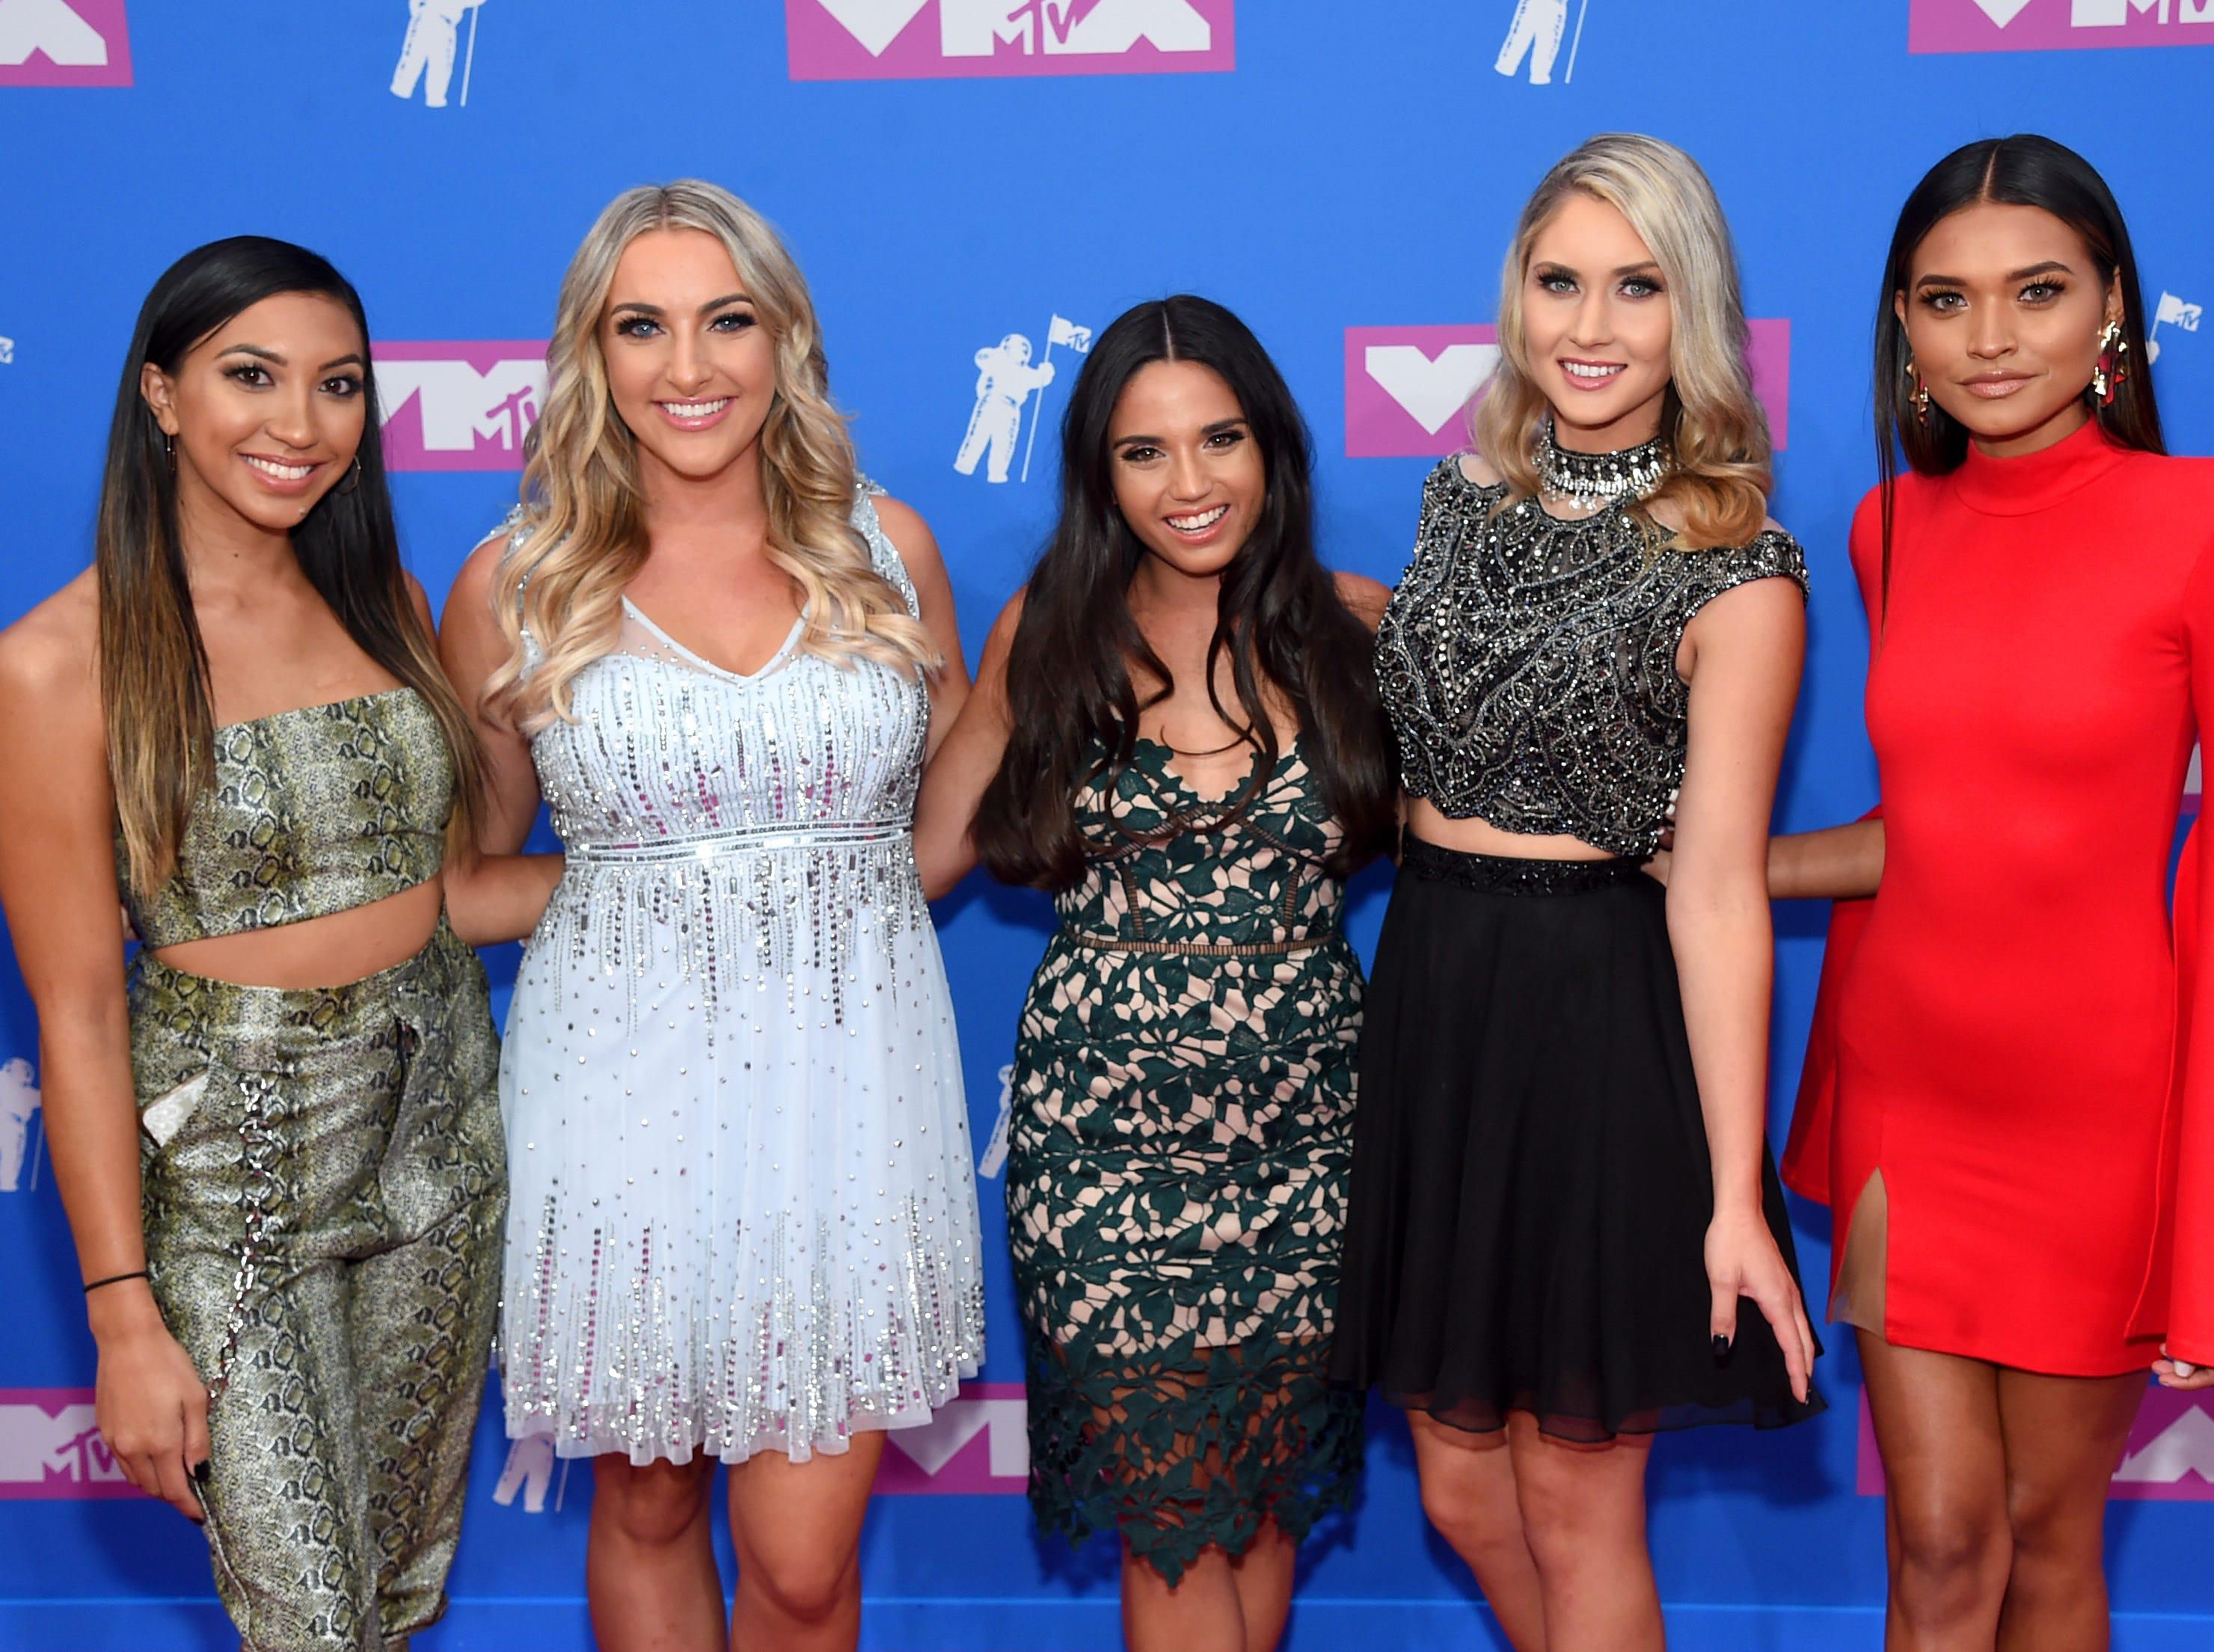 Cheyenne Enríquez, Chandlar Walby, Alyssa Abrenica, Nicole Pleskow y Nikki Hussey de Pretty Little Mamas (de izq a der) en los MTV Video Music Awards 2018 en Radio City Music Hall el 20 de agosto de 2018 en la ciudad de Nueva York.